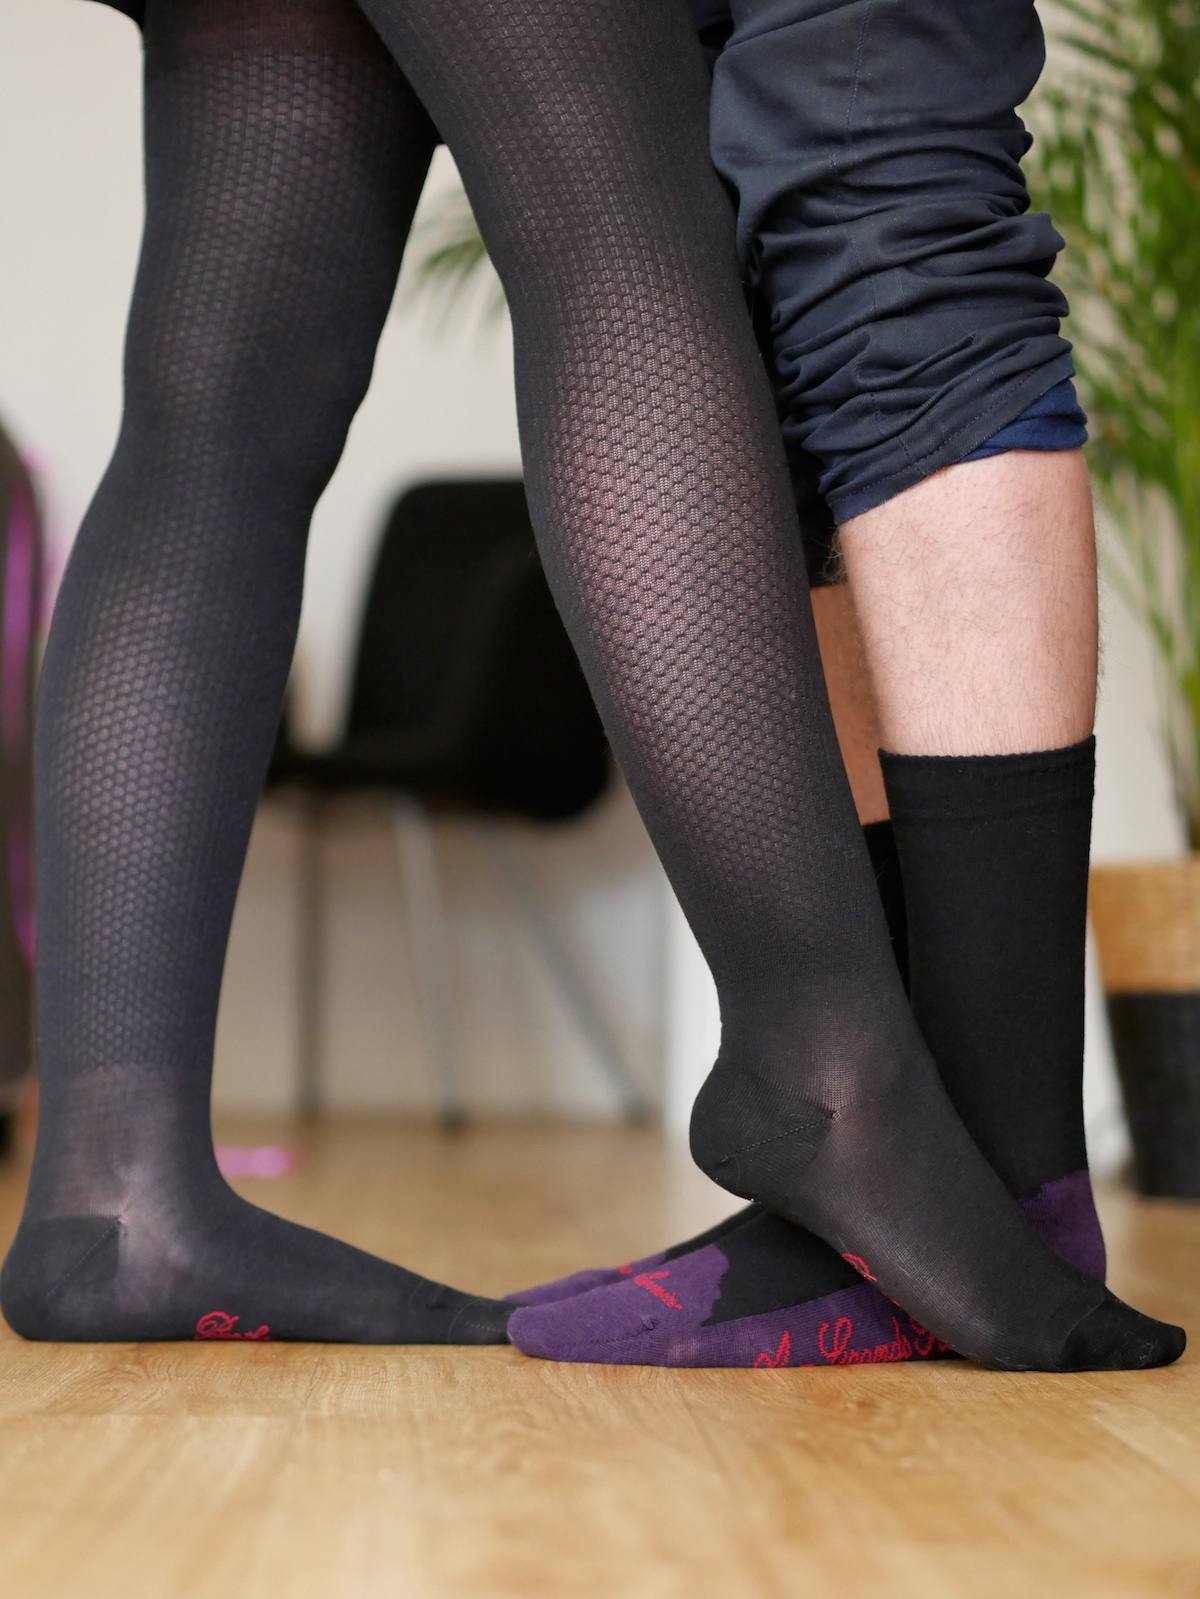 Berthe aux grands pieds Nantes - Chausettes bas collants 9